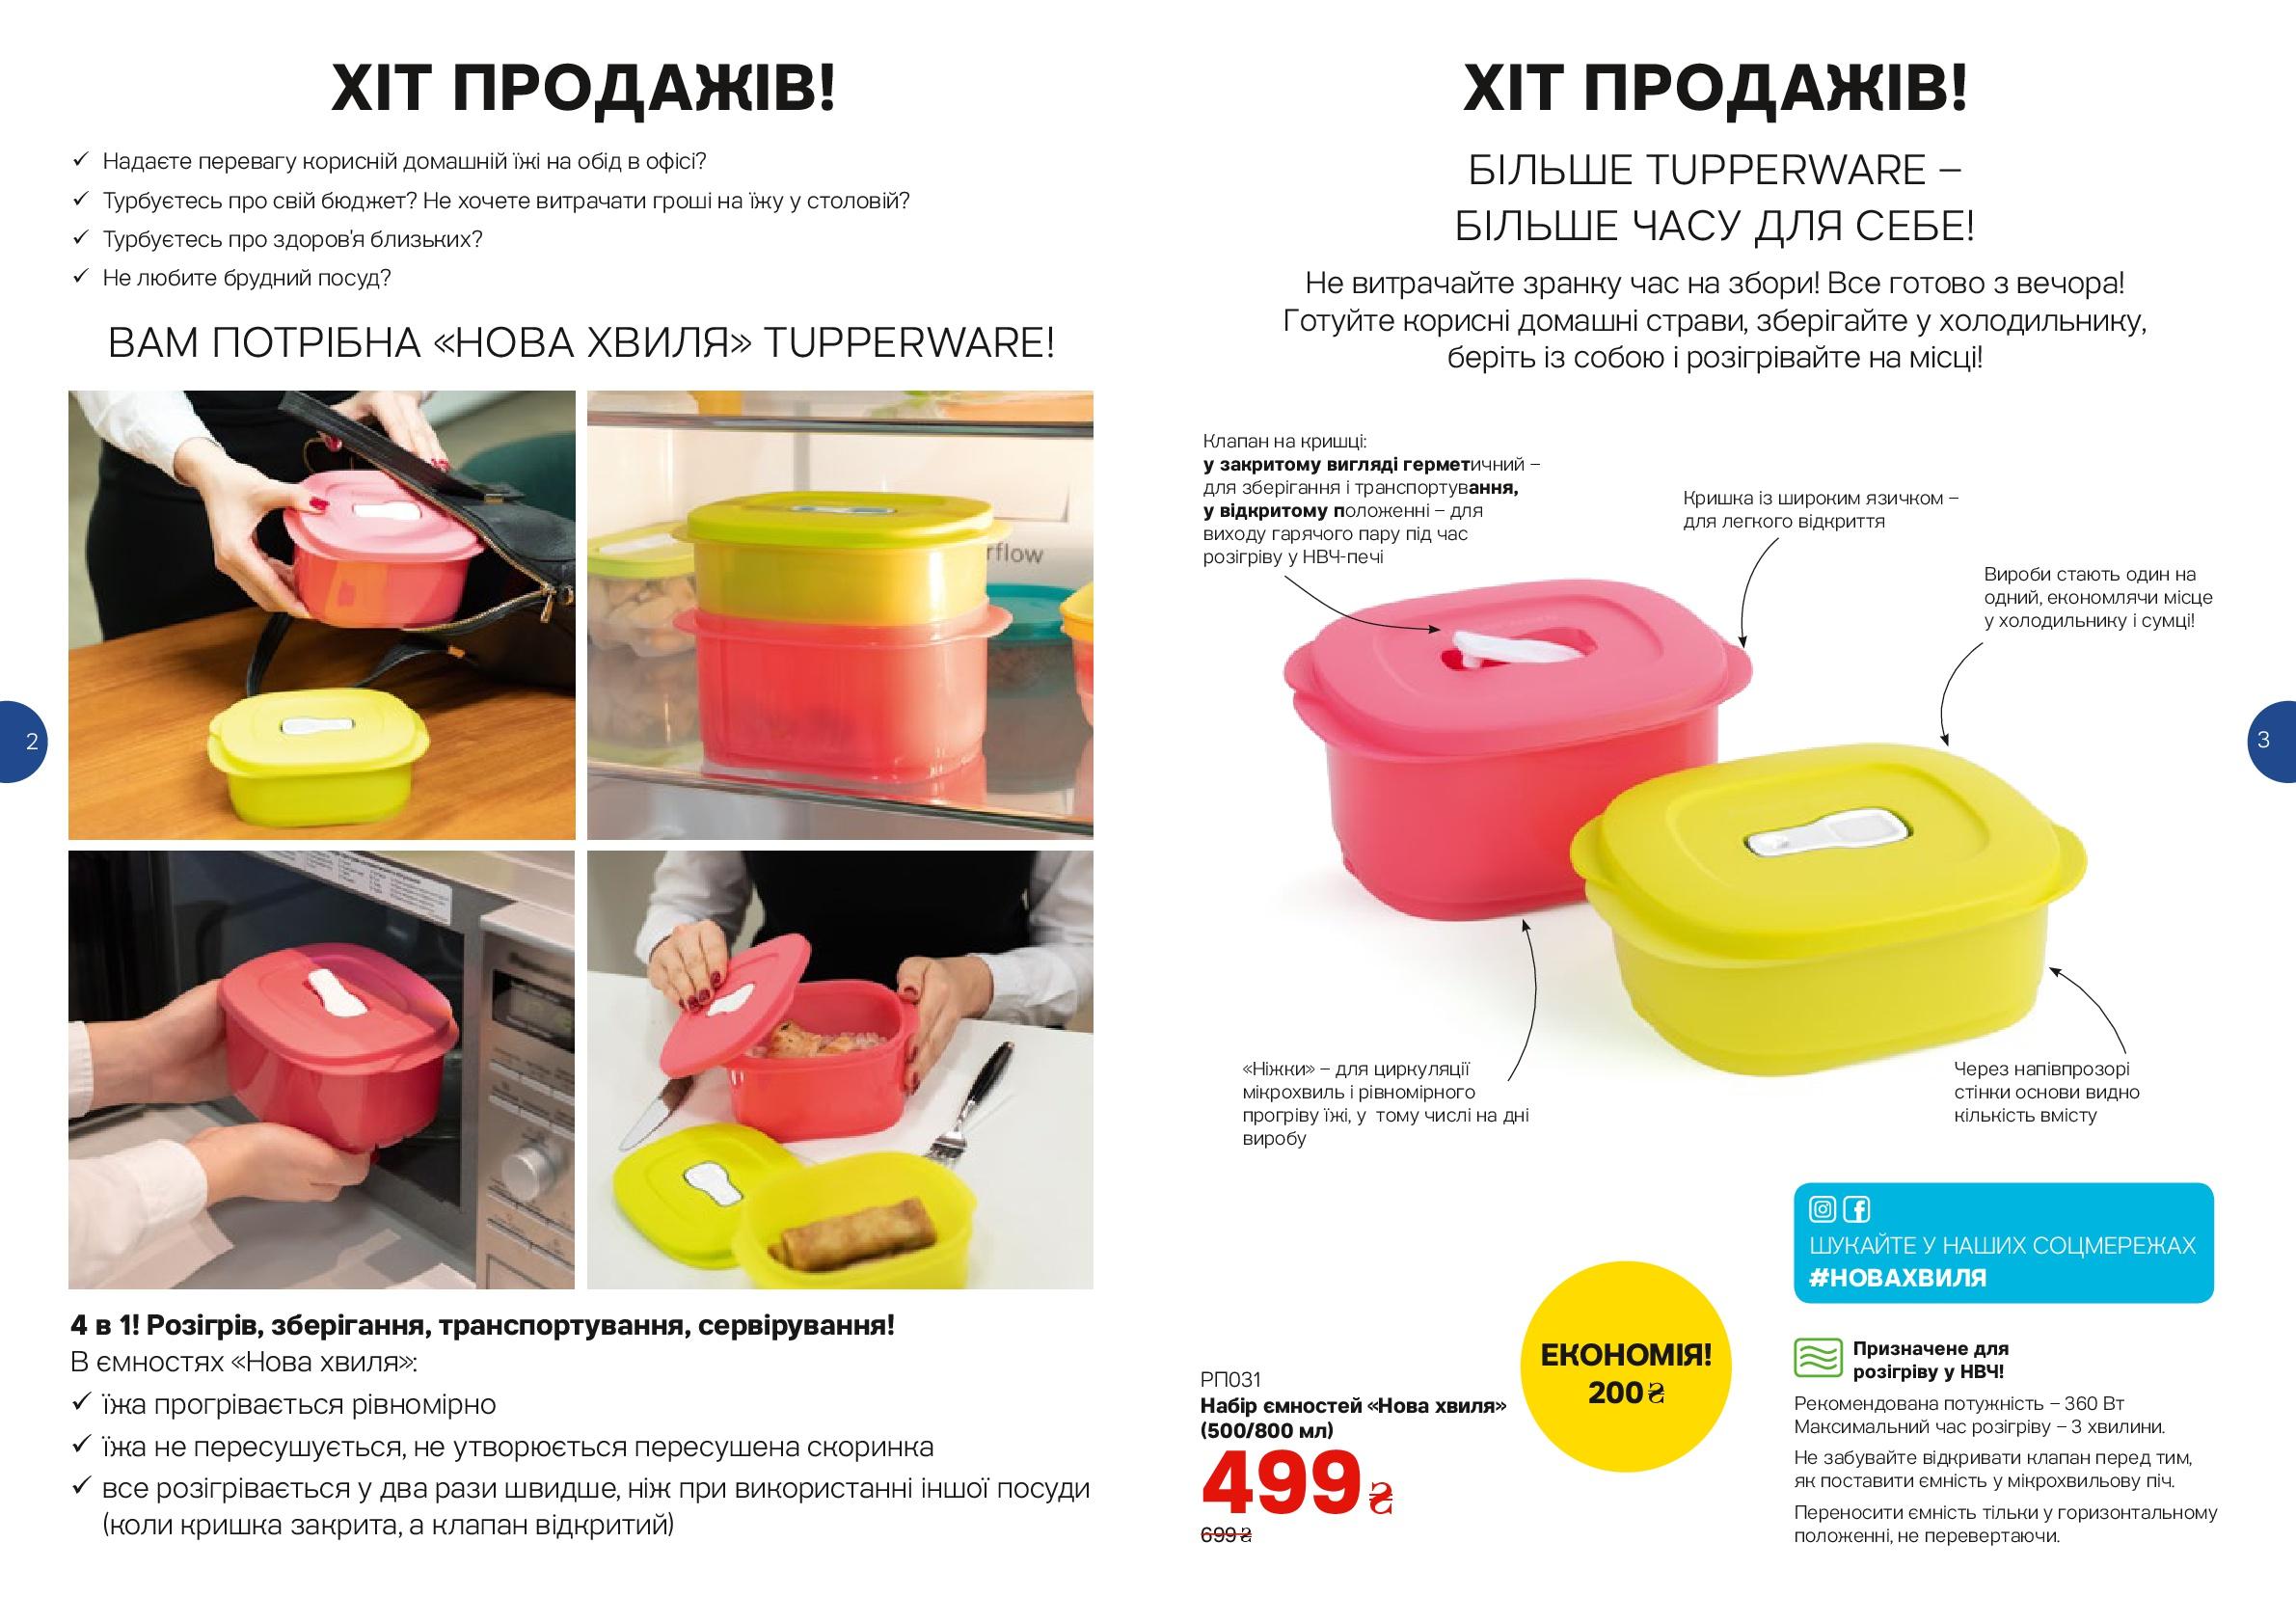 Набор контейнеров для свч Tupperware.